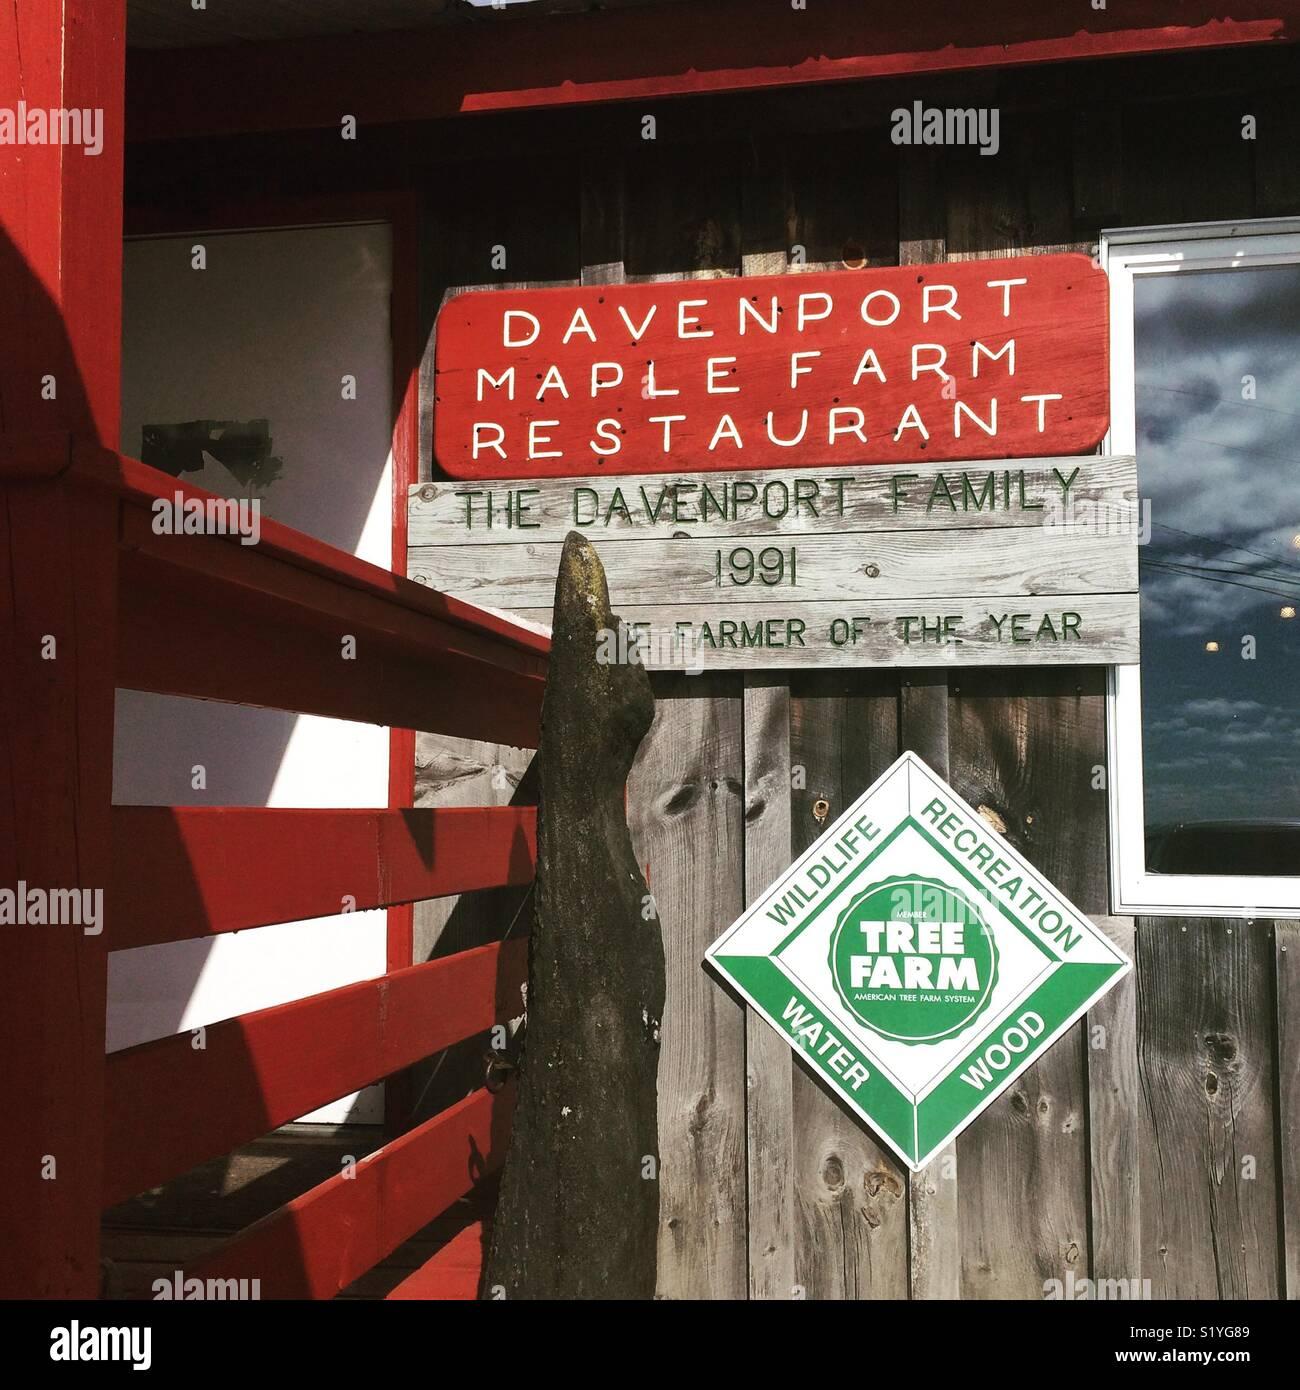 Davenport Maple Farm Restaurant, Shelburne, Massachusetts - Stock Image